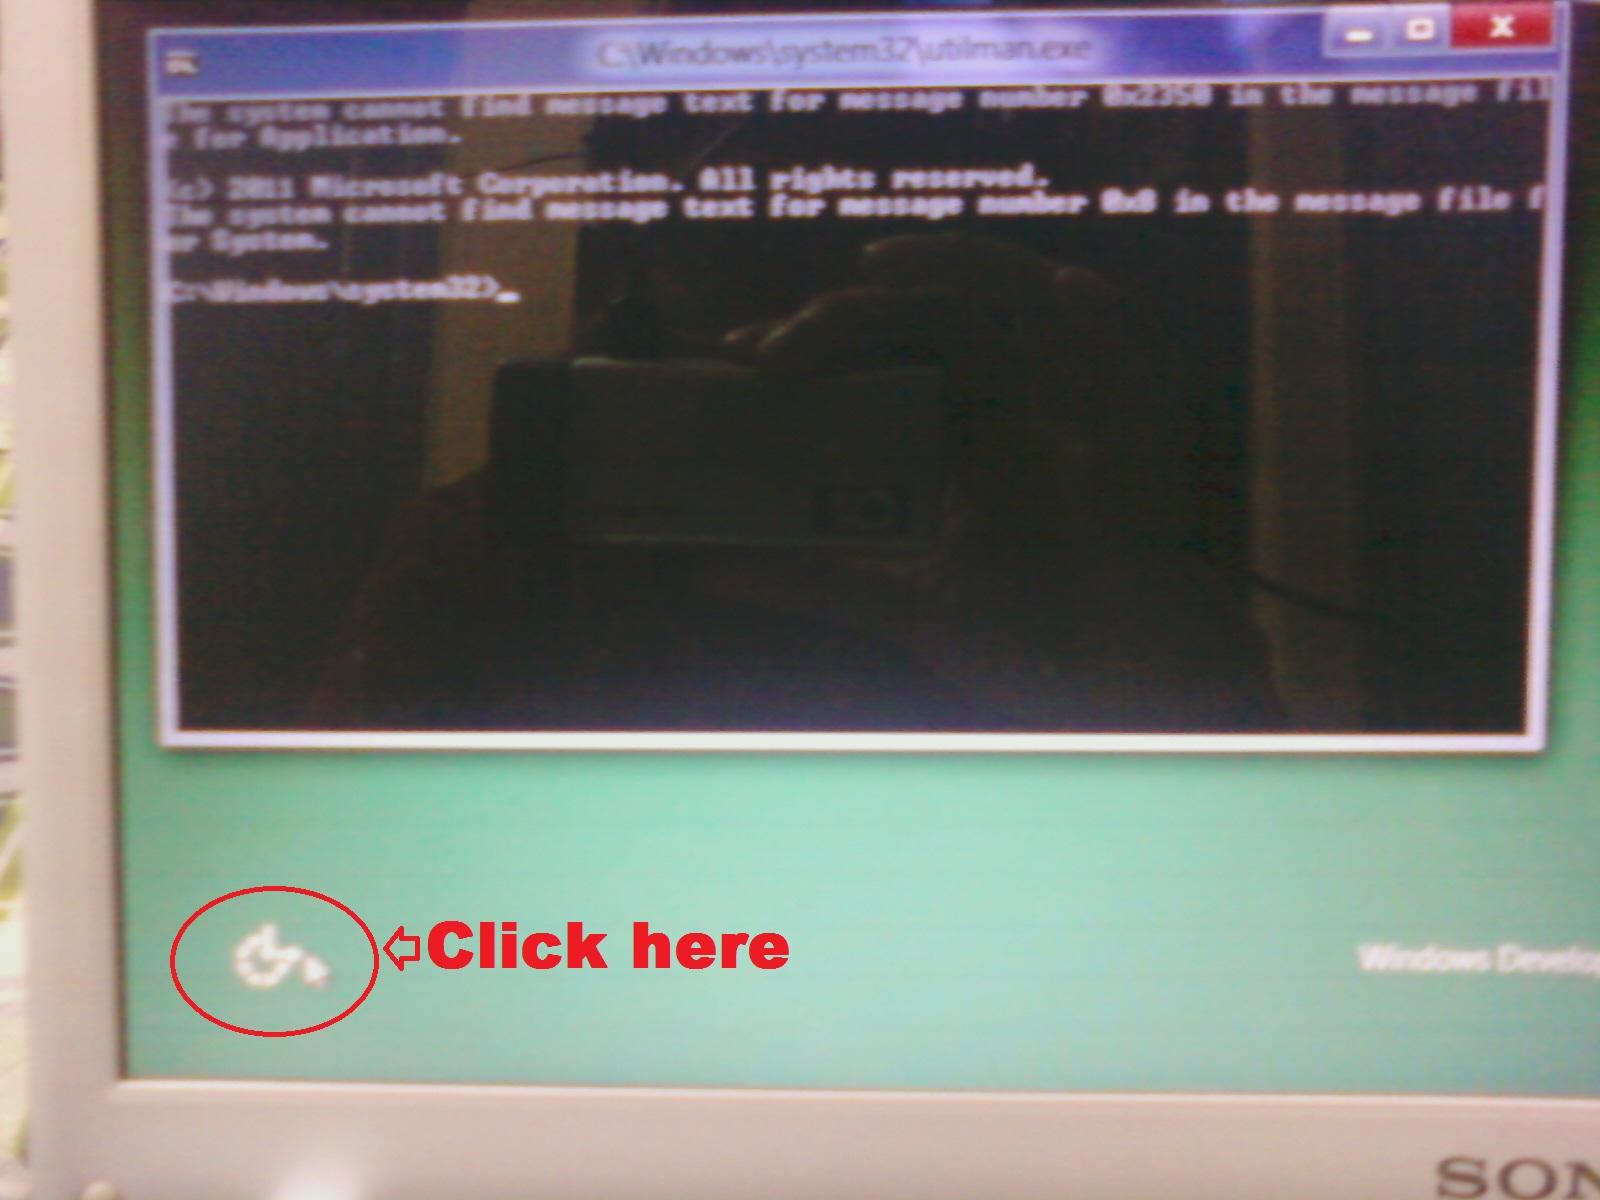 how to delete password on windows 8